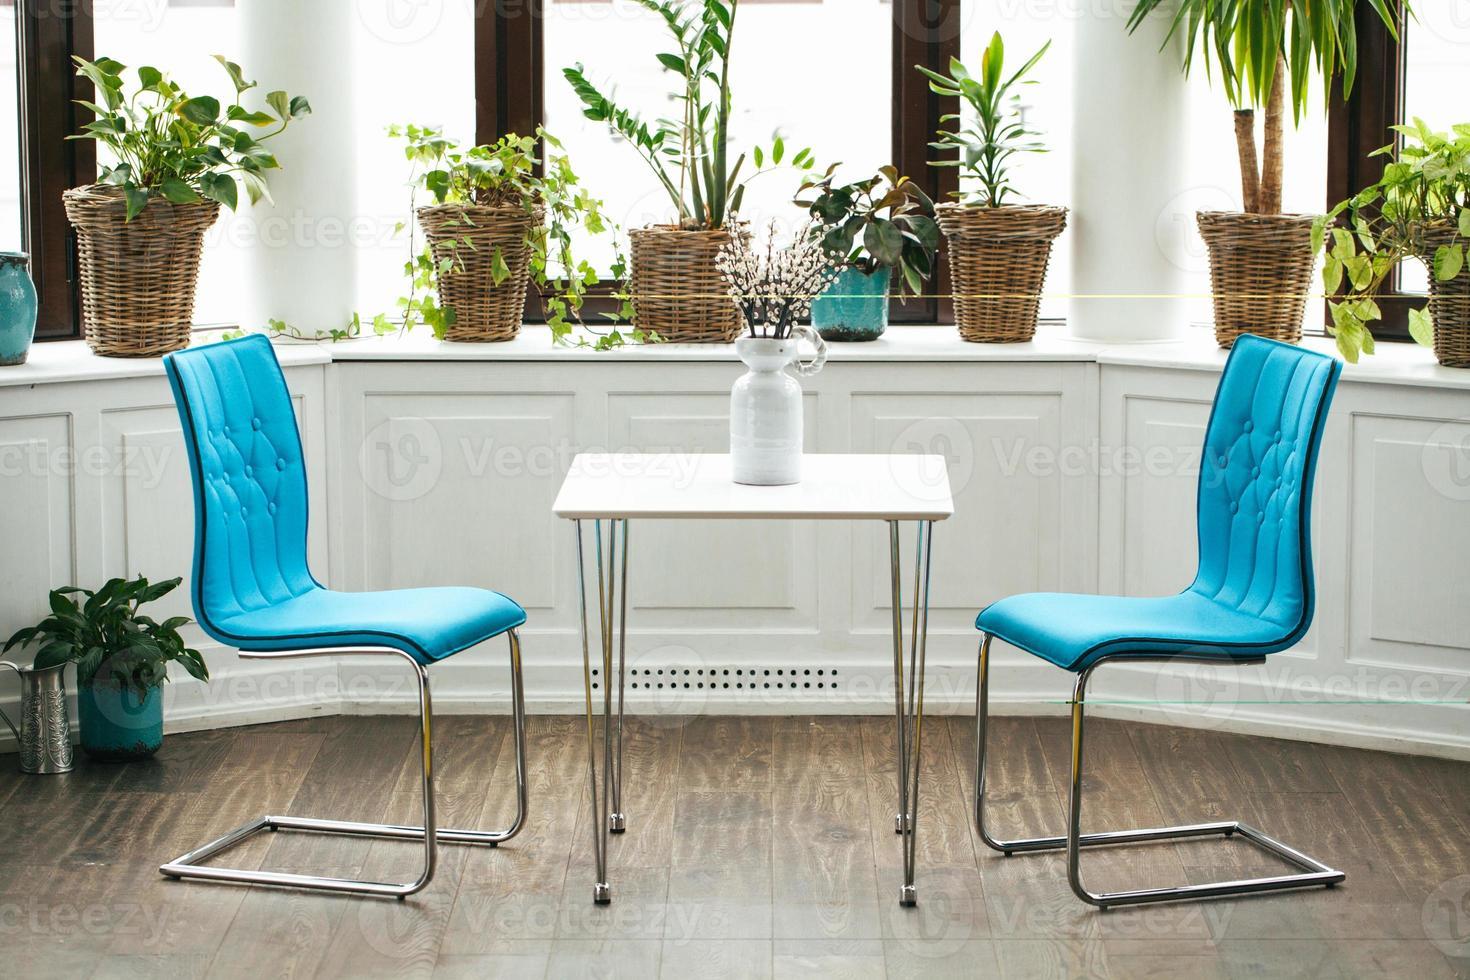 conceptuele caféstoelen foto